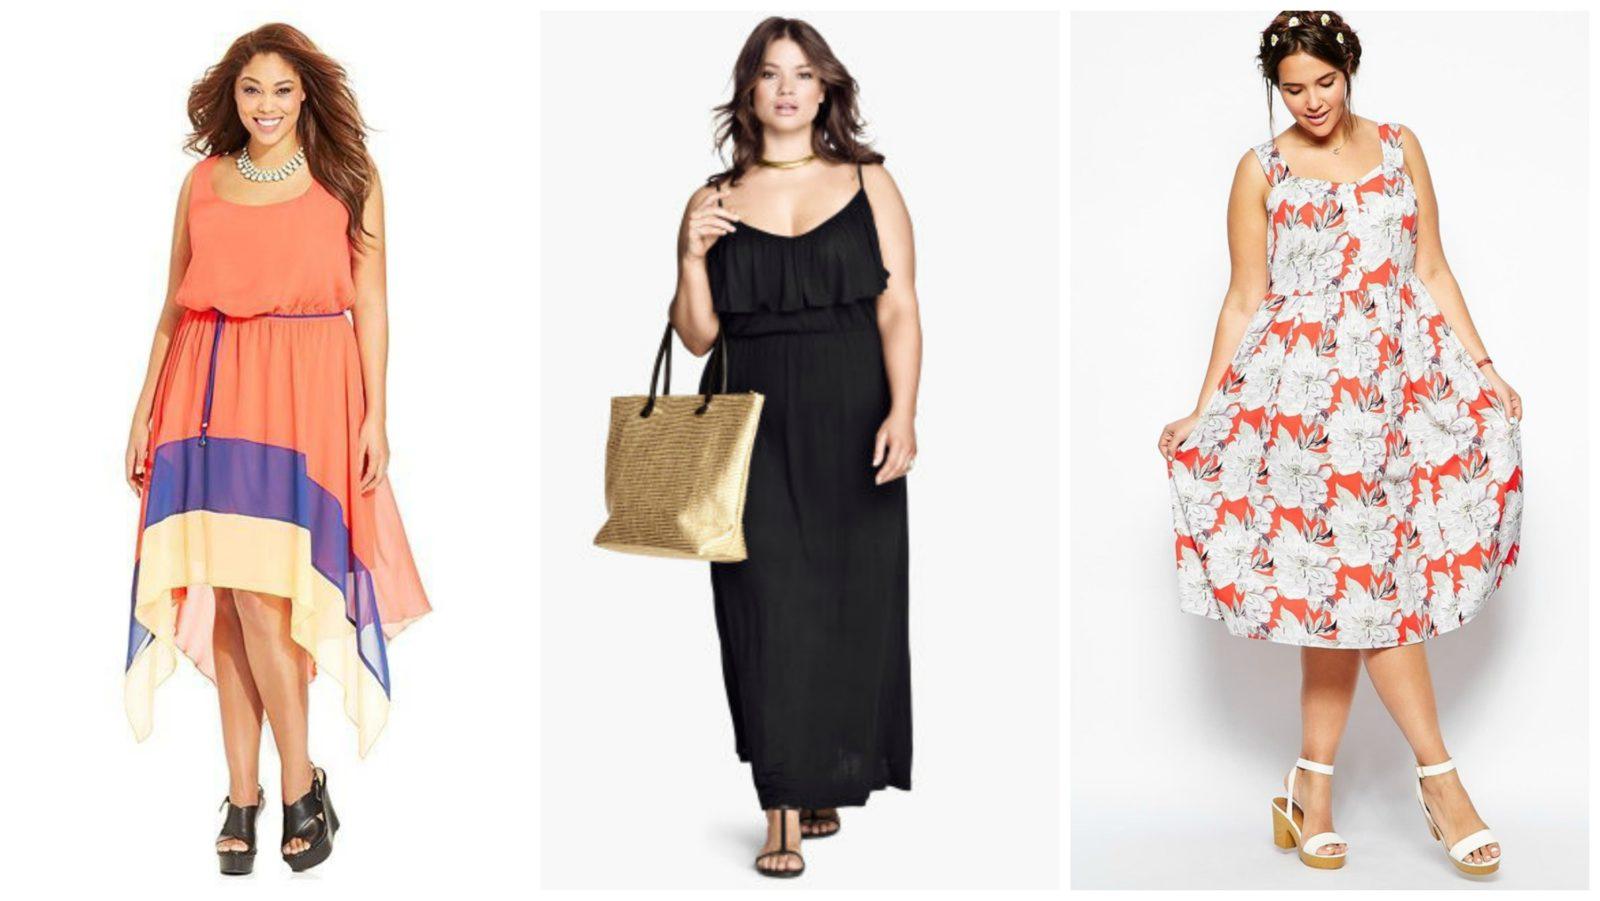 Летние платья для полных девушек и советы по завершению образа